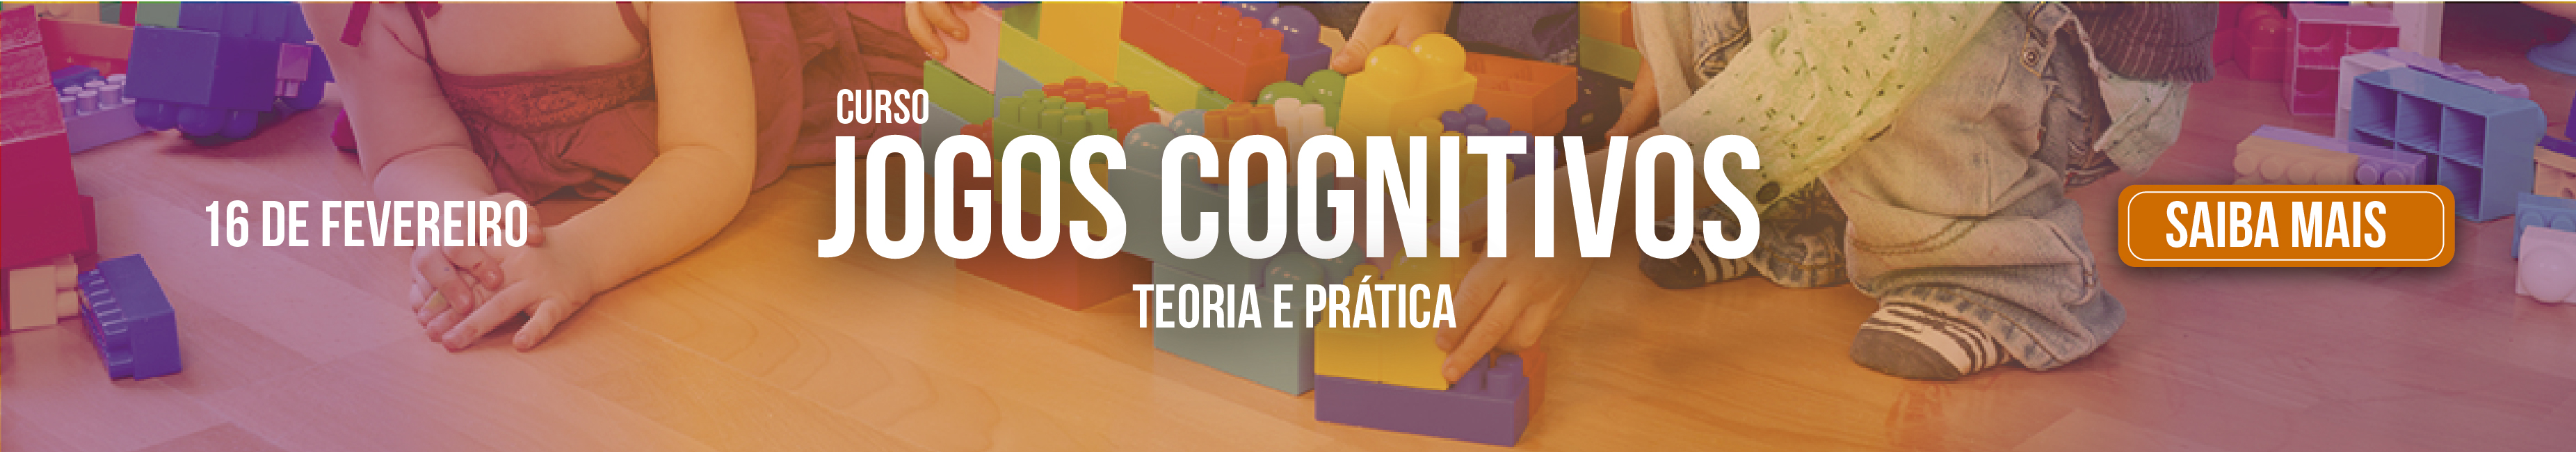 JOGOS COGNITIVOS – 16 DE FEVEREIRO